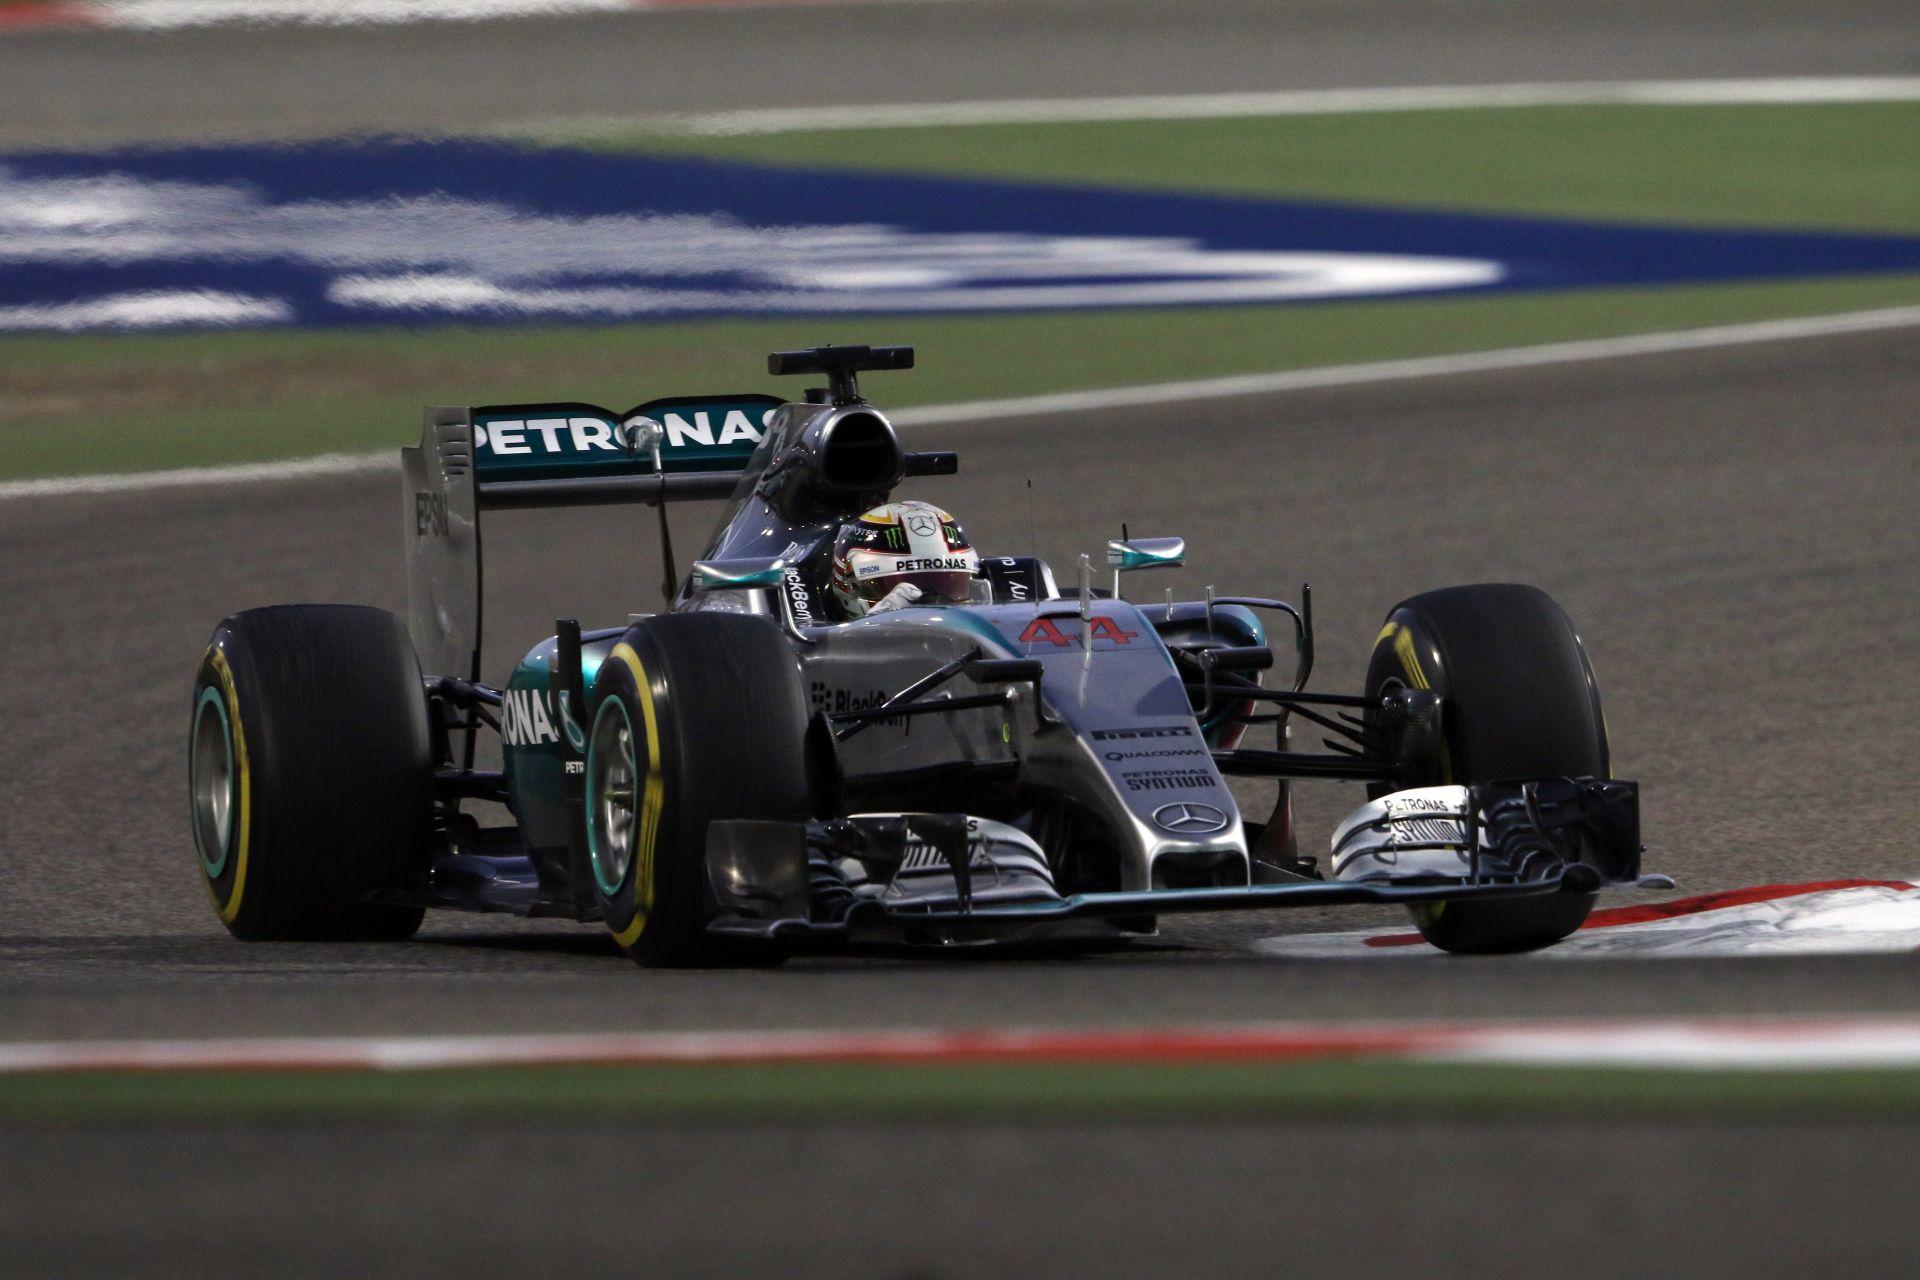 A Mercedes szerint a V6-os turbómotor nem volt tévedés